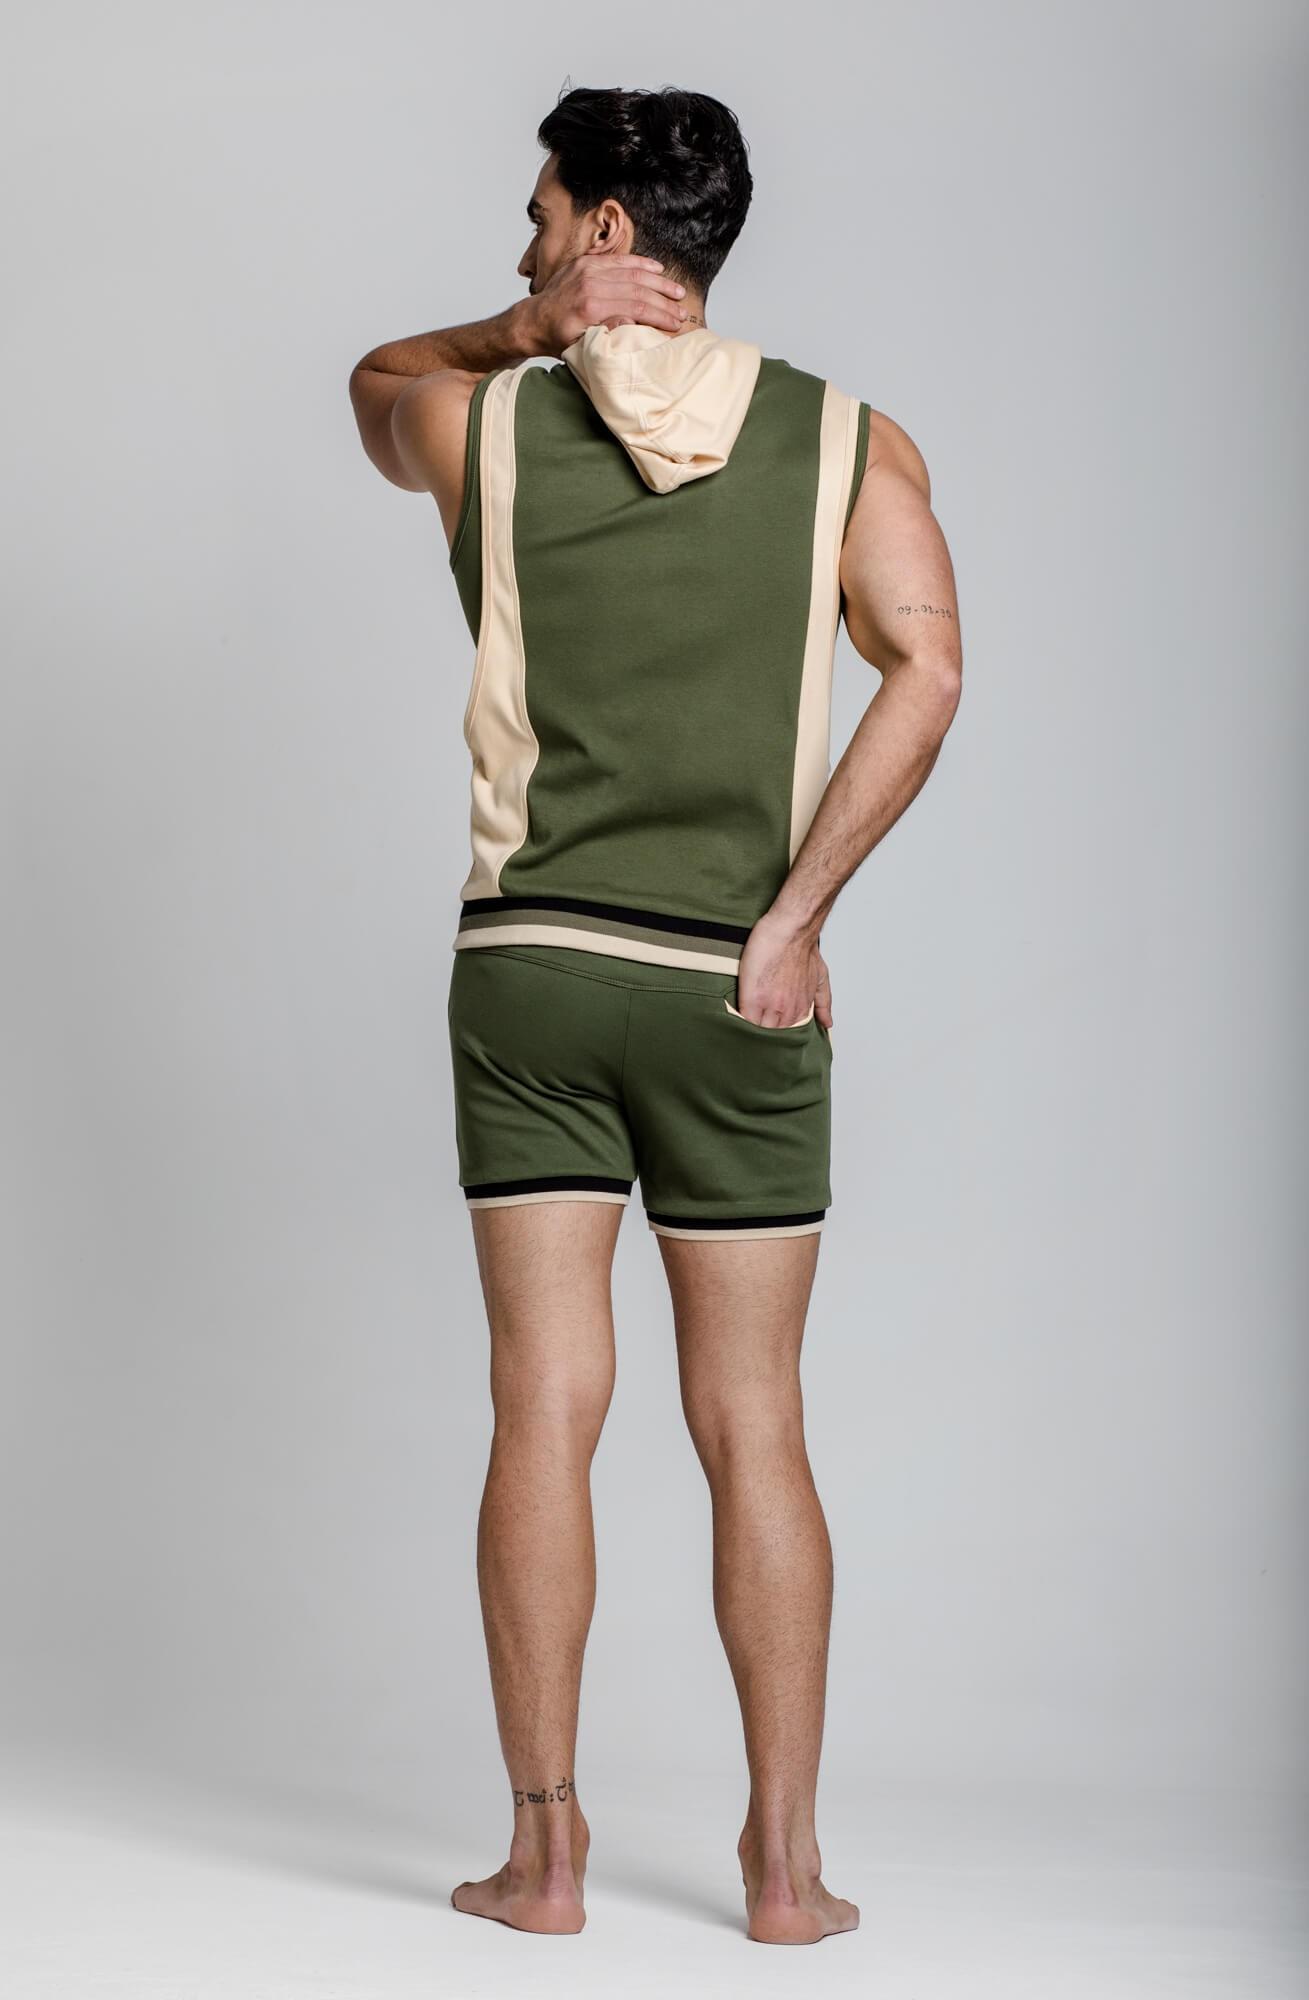 Shorts deportivos para hombre. Ropa deportiva estilo urbano ELIU streetwear.